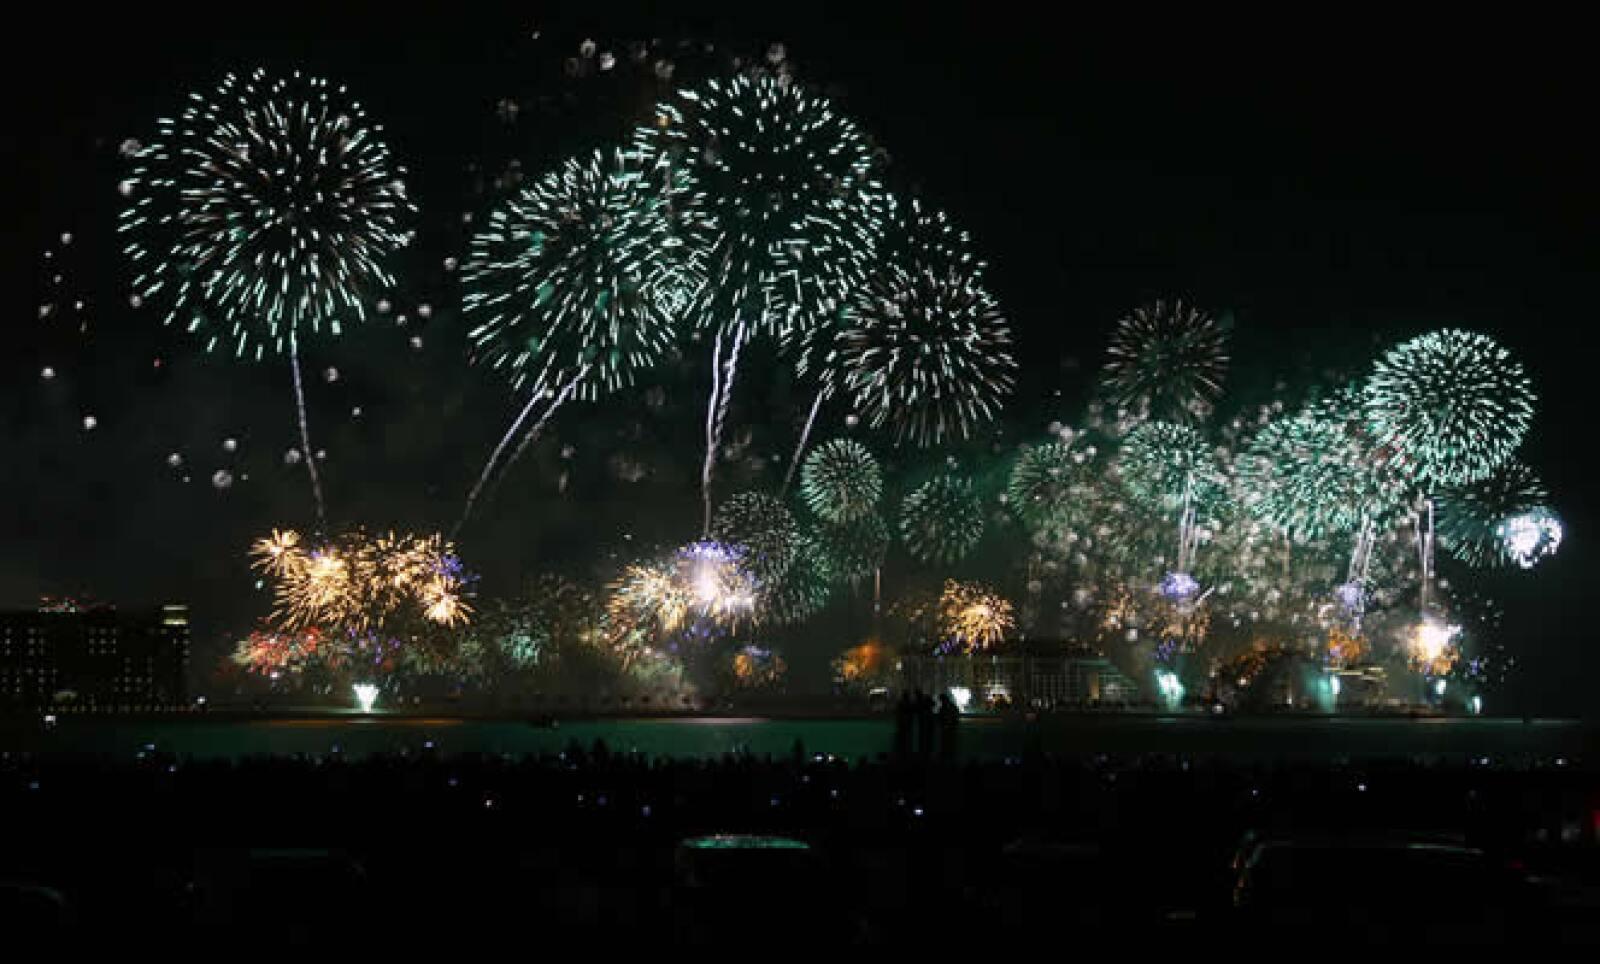 Los organizadores de las celebraciones de Año Nuevo en Dubai buscaron romper el récord mundial Guinness de la exhibición más larga de fuegos artificiales.